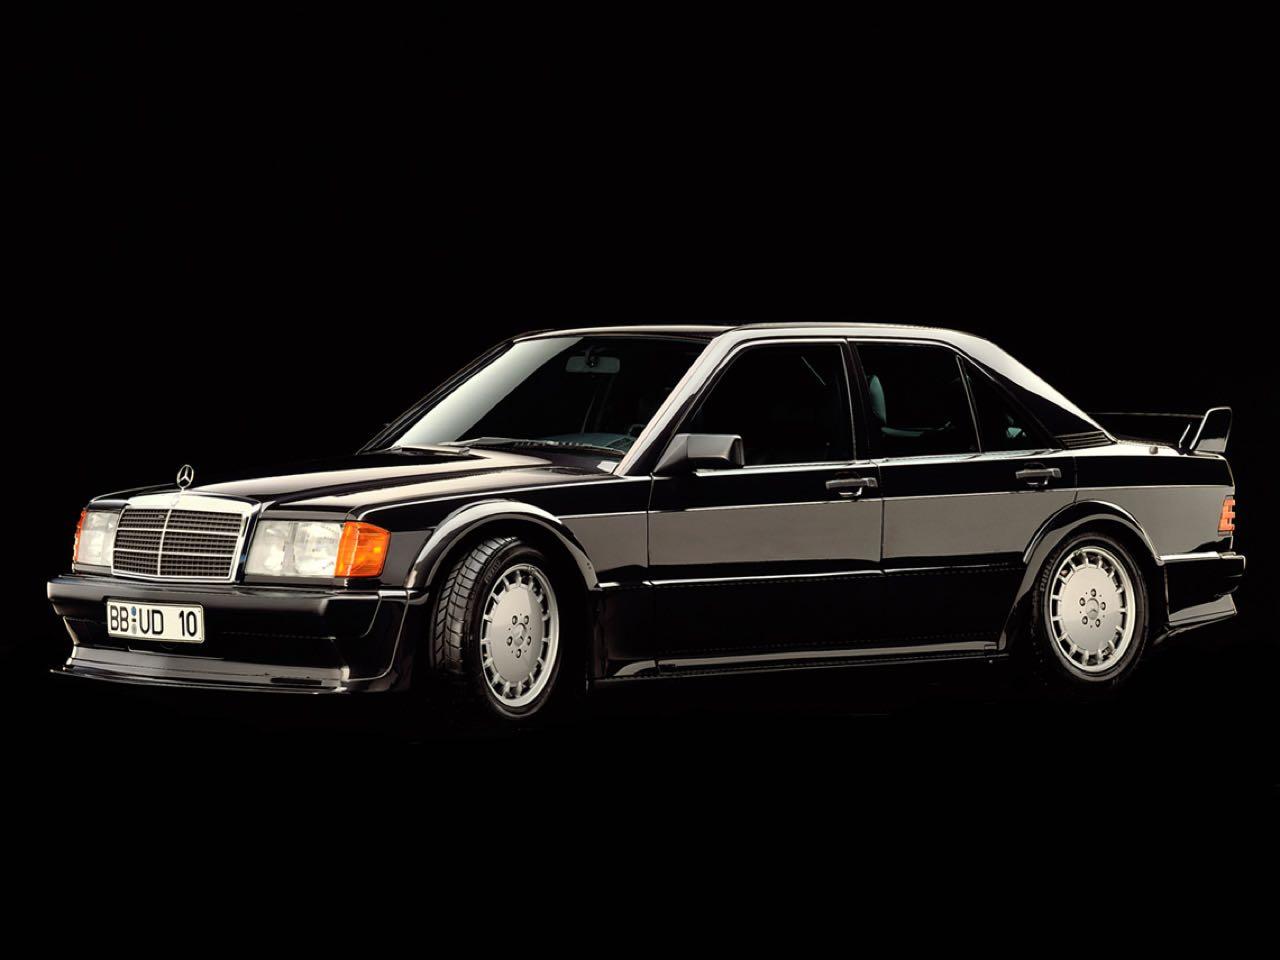 Mercedes 190 2.5 16 Evo 1... Oui il y a eu une Evo 1 ! 27